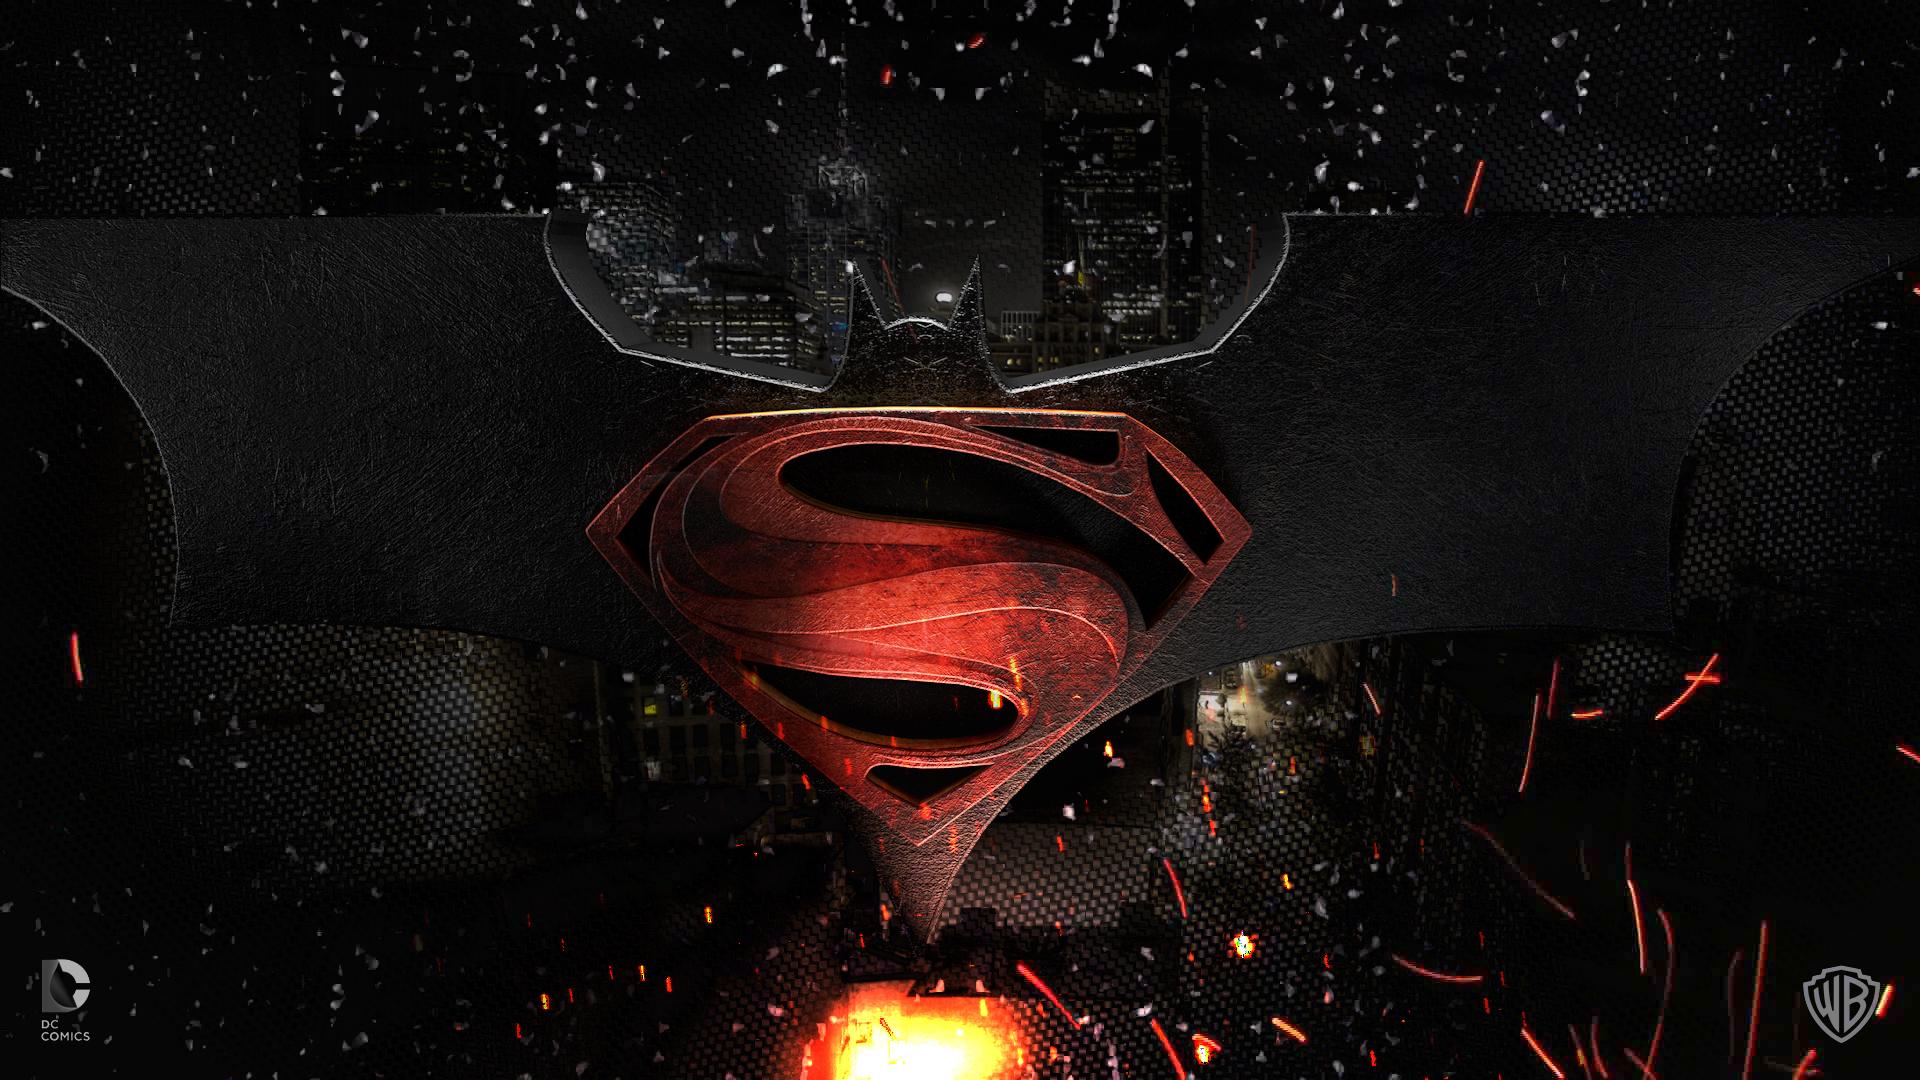 world_s_finest_wallpaper___superman_batman_by_alex4everdn-d5yj70m.jpg